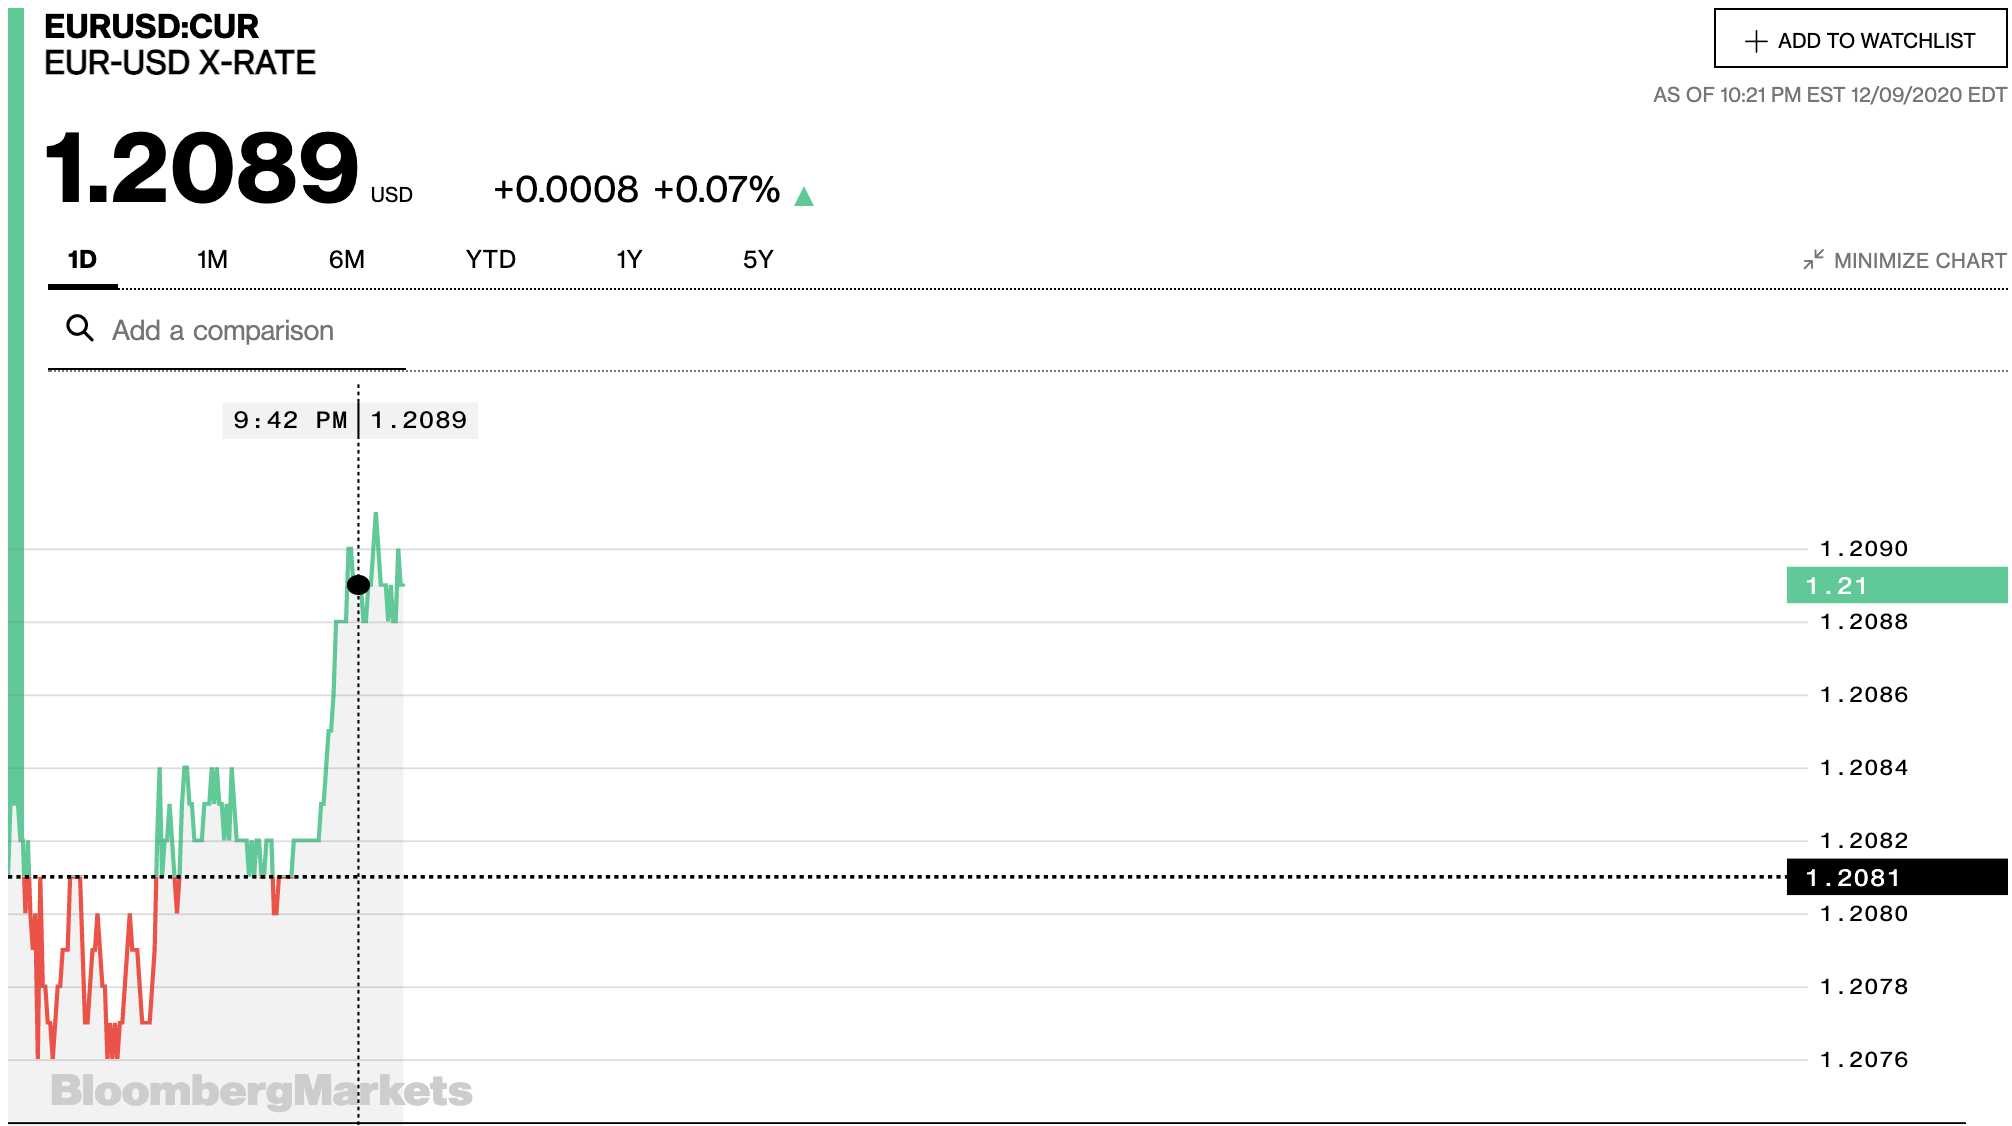 Tỷ giá euro hôm nay 10/12: Đồng loạt giảm tại các ngân hàng trong nước - Ảnh 2.